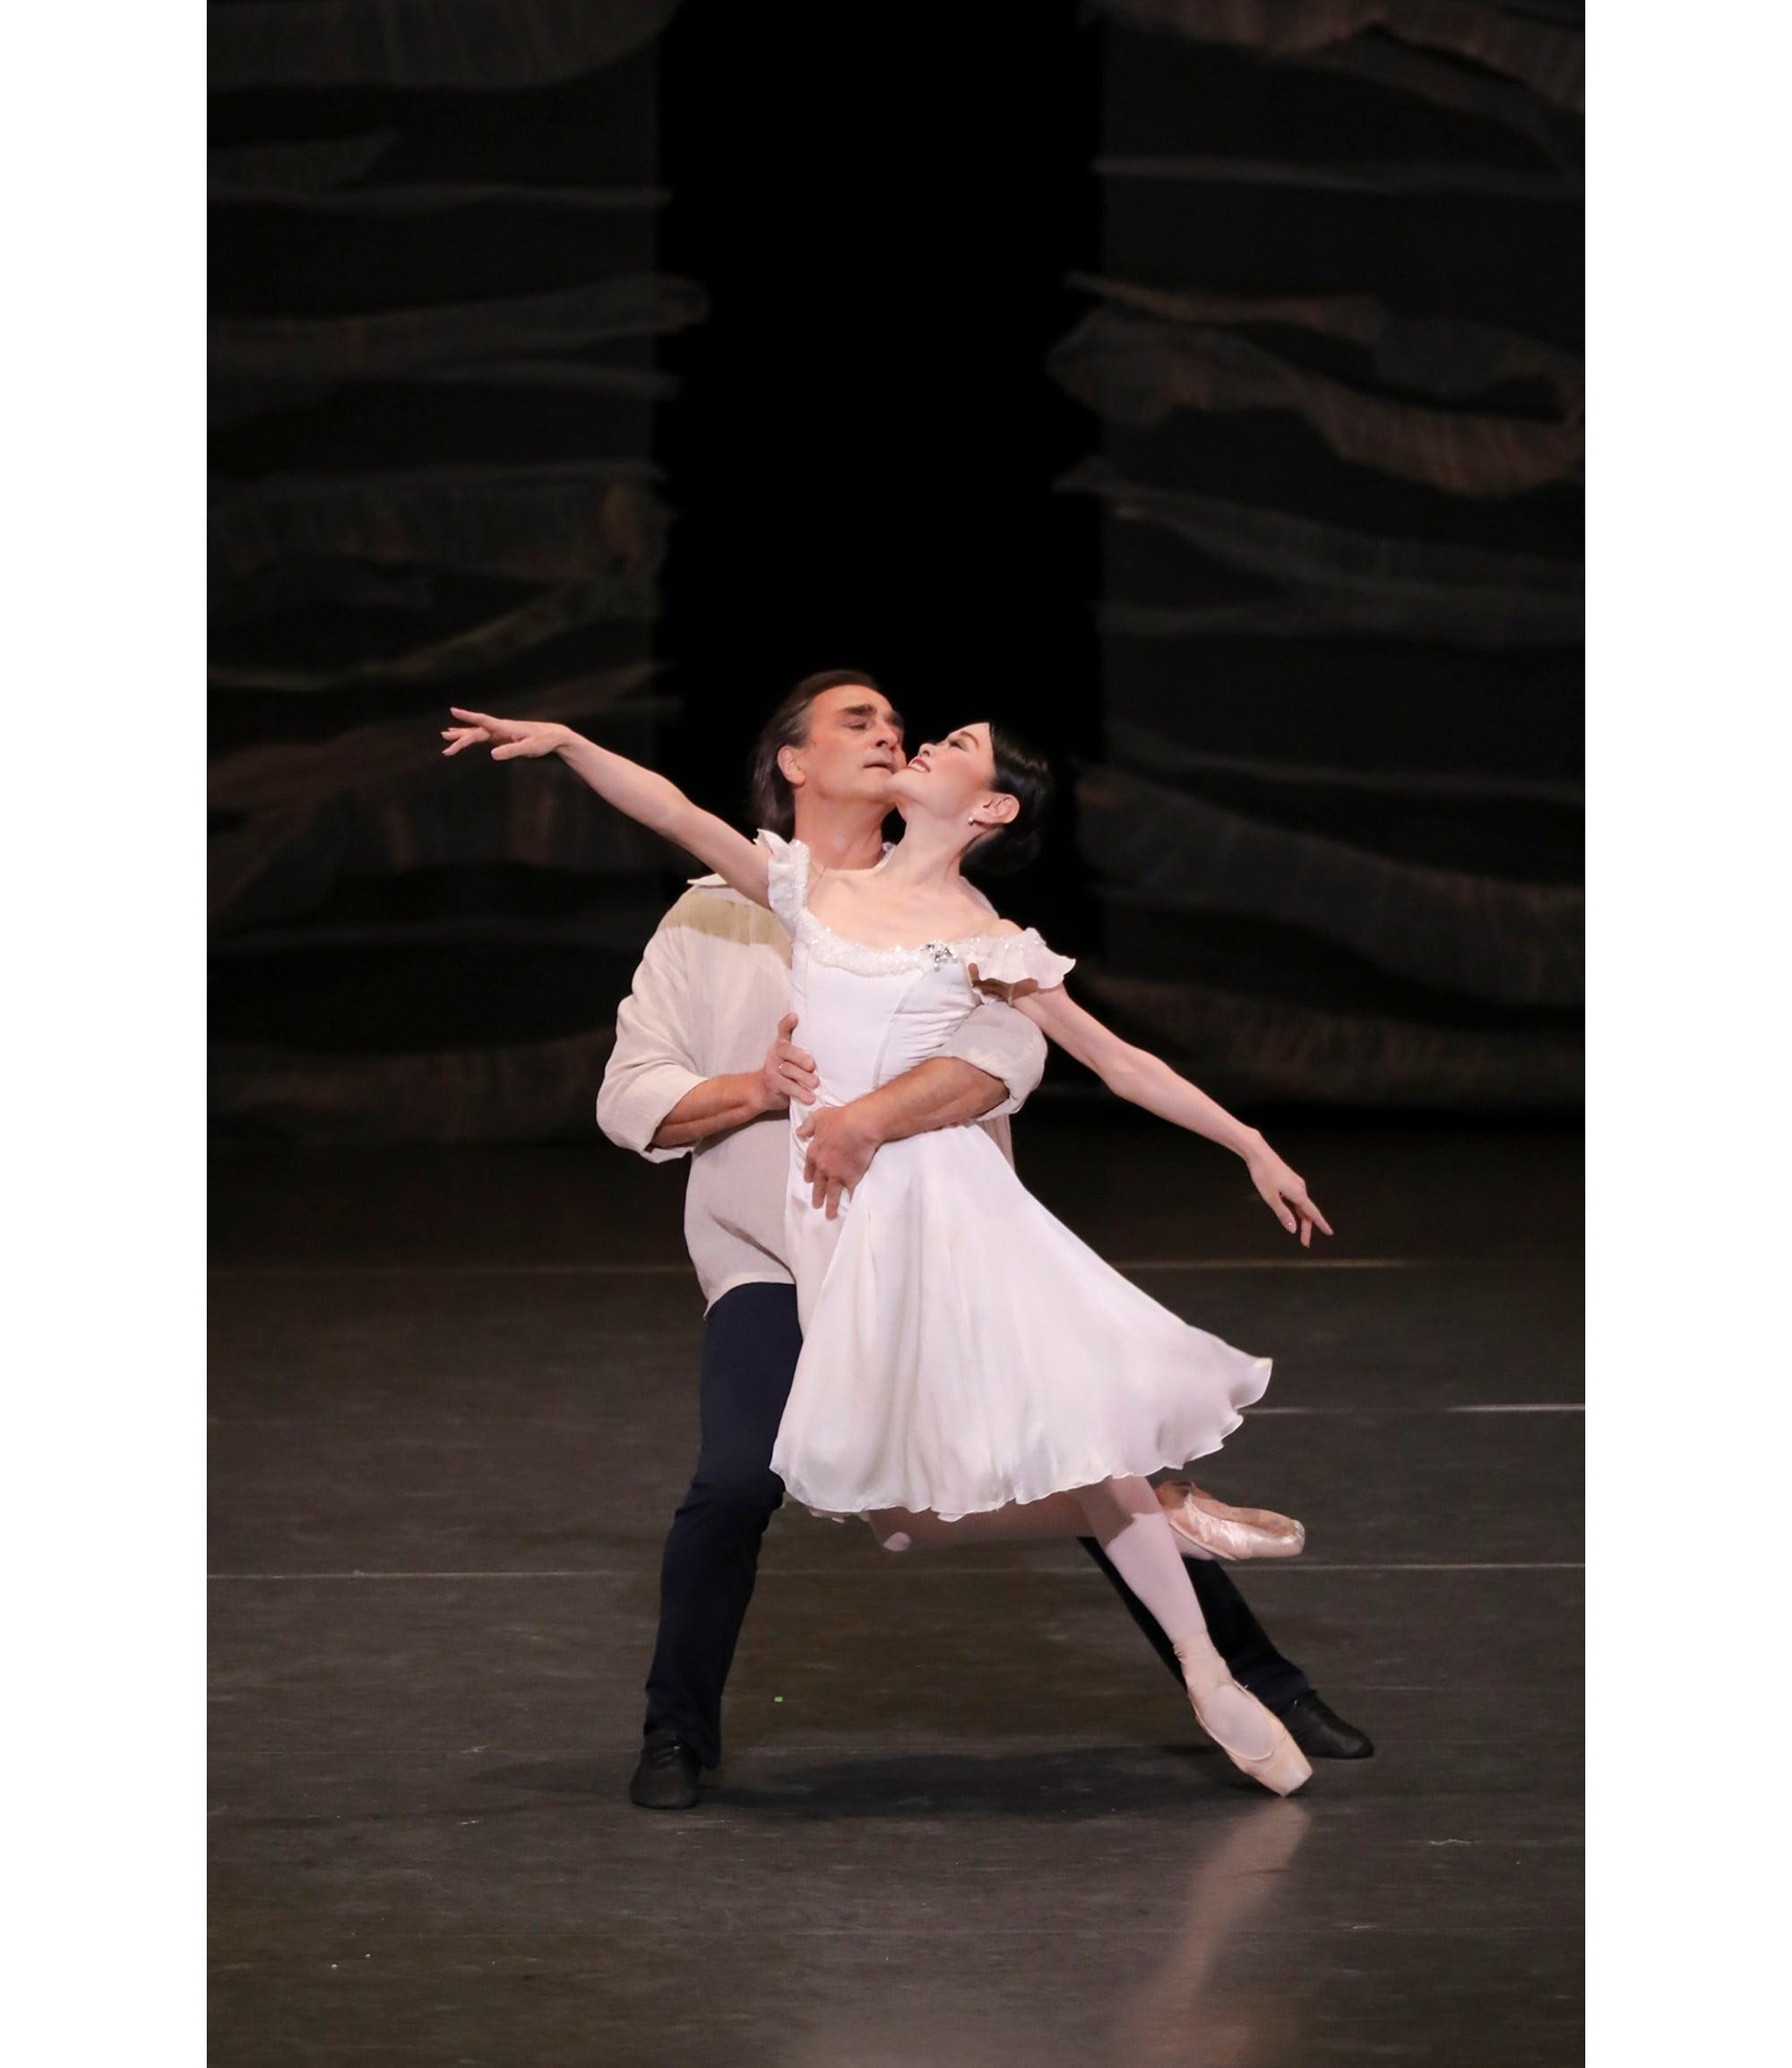 8月に行われた「Last Dance」のワンショット。「ミラー・ウォーカーズ」の吉田都とイレク・ムハメドフ。